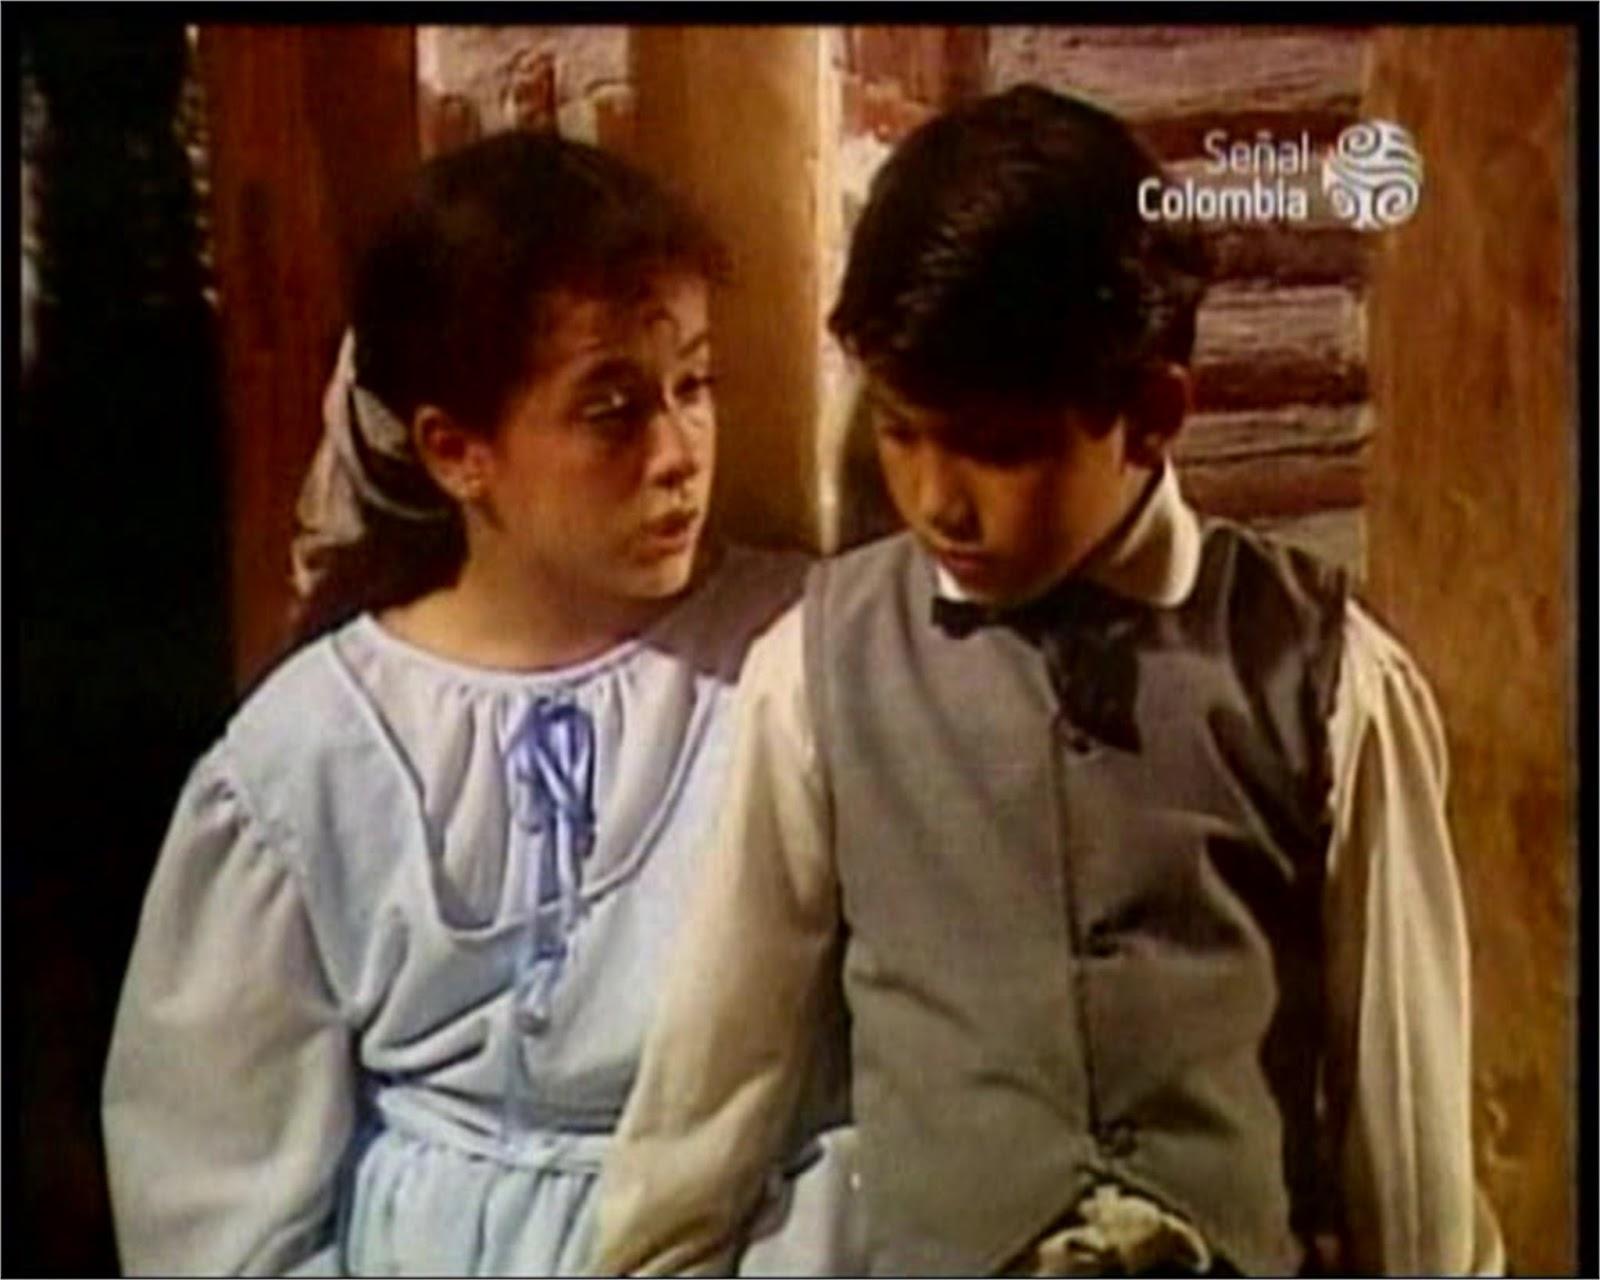 Danna García fotos..La Casa de las dos Palmas 1990 - Página 3 EVANGELINA+(DANNA+GARCIA+NI%C3%91A)+ZZJ